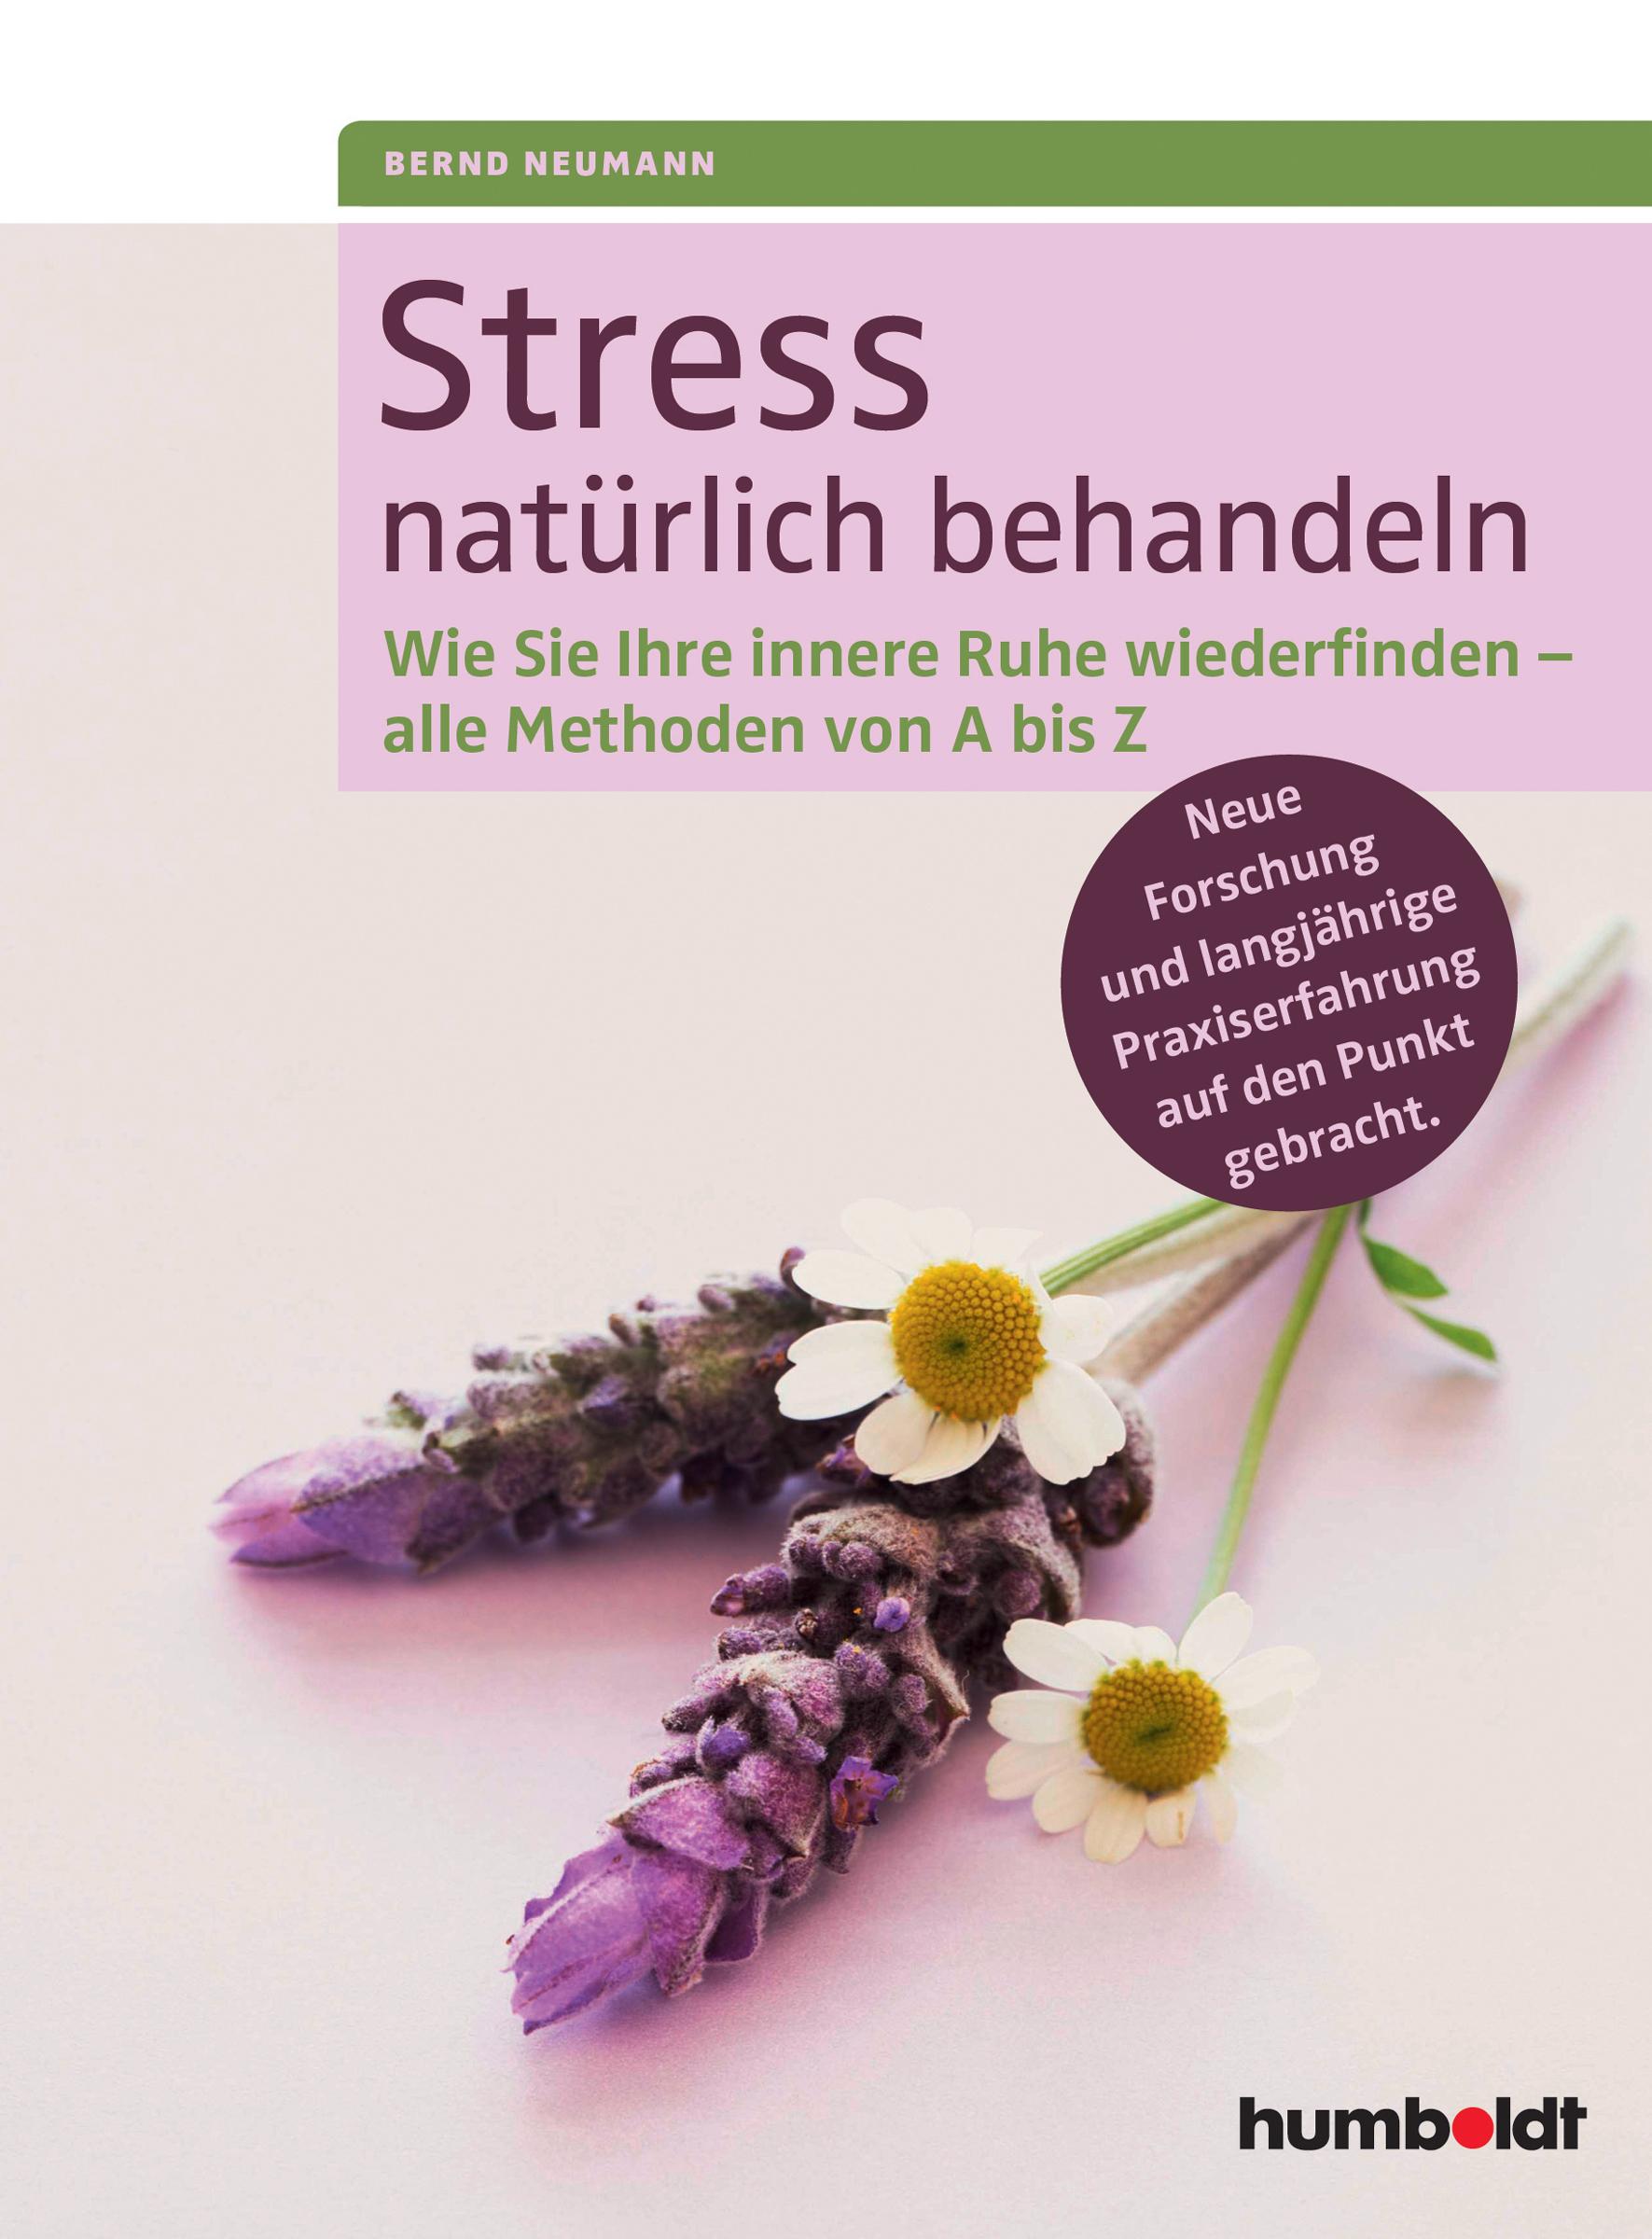 Stress natürlich behandeln